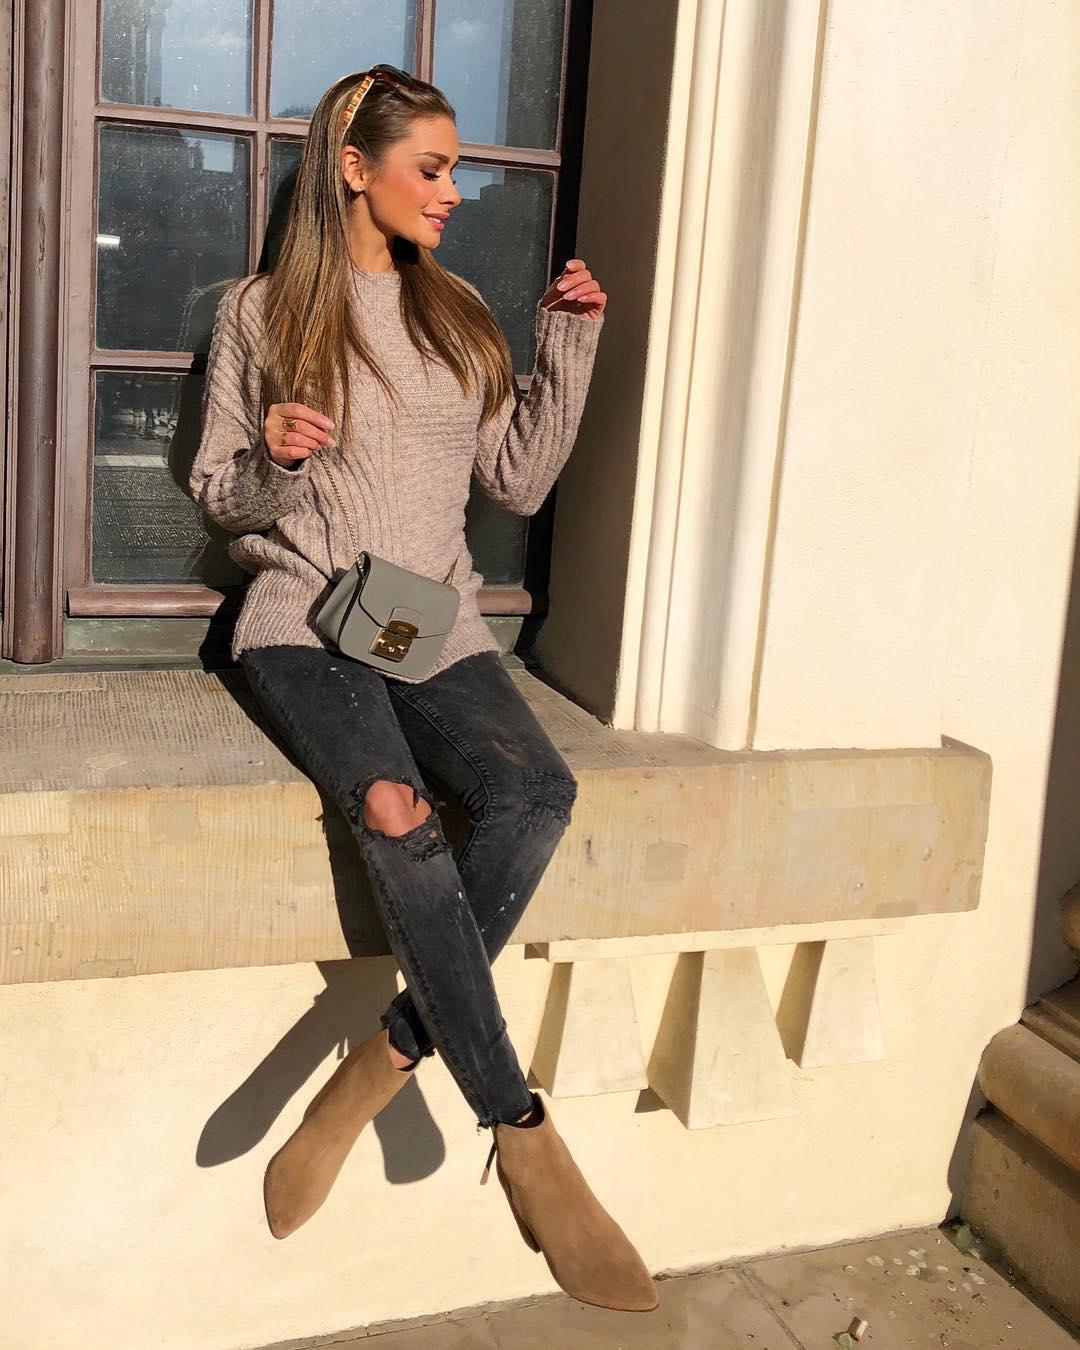 Джинсы с трикотажными вещами как стильно носить осенью и зимой 2018-2019 фото 2